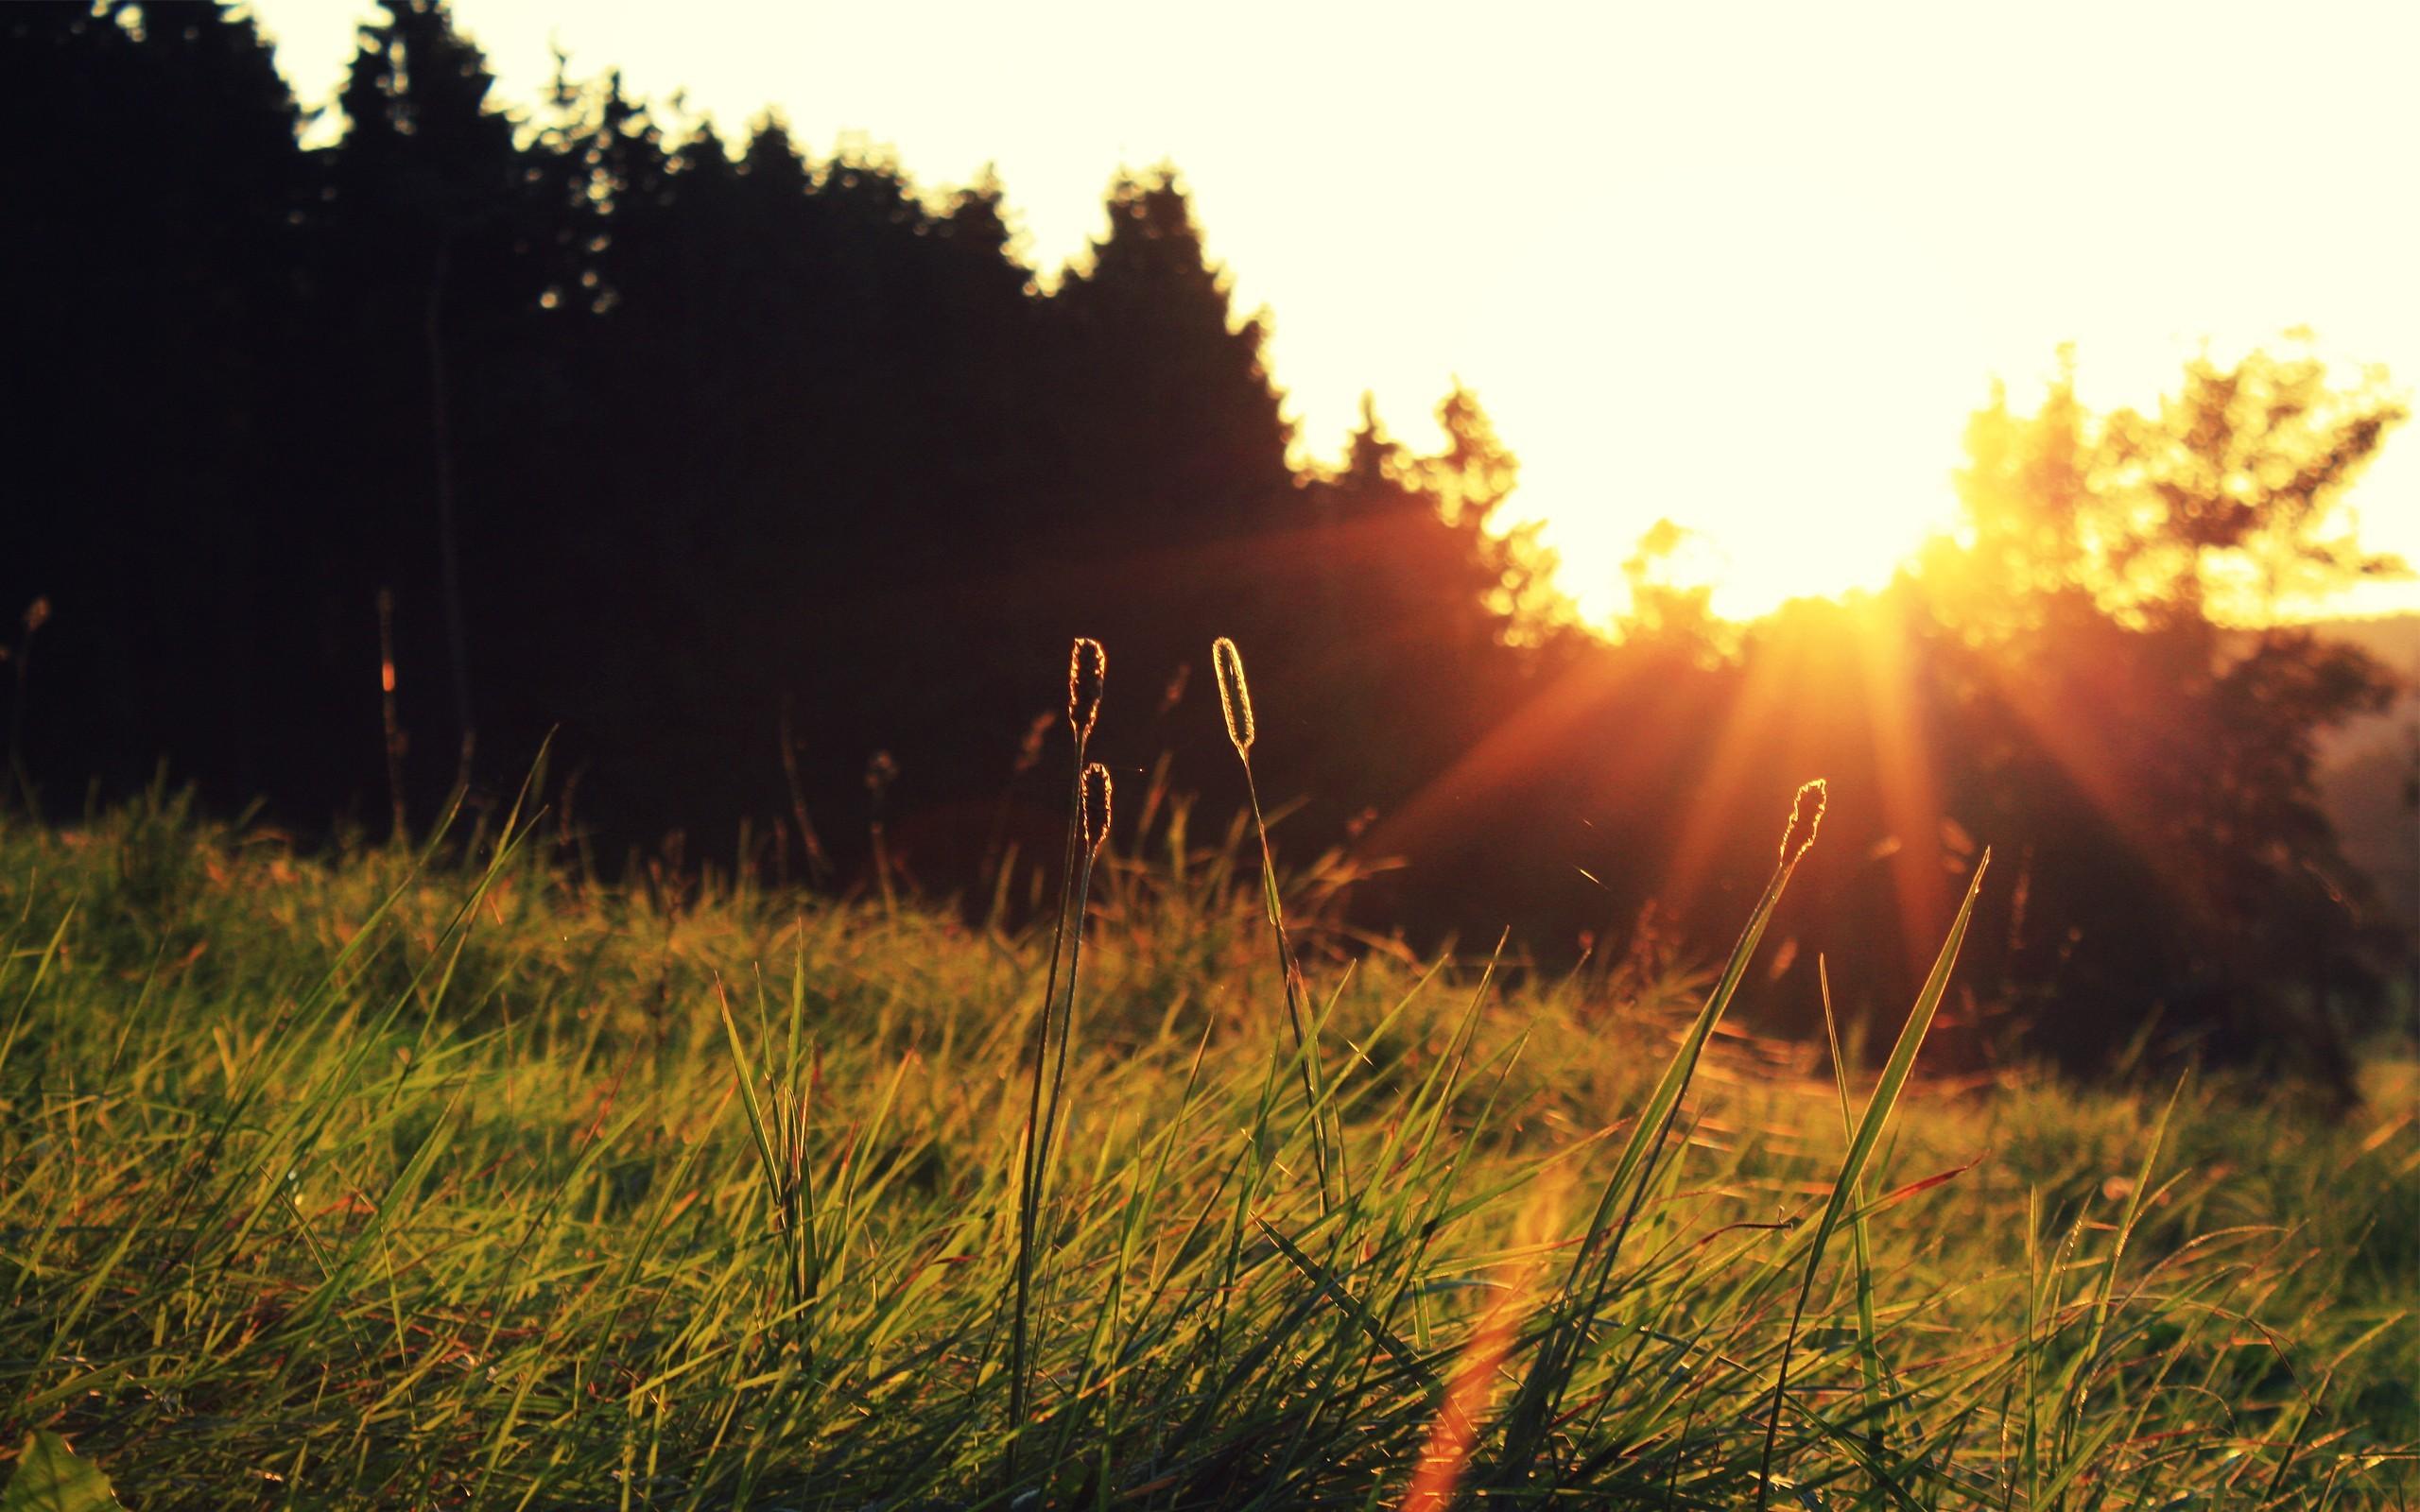 лето трава солнце картинки пиццерия, очень